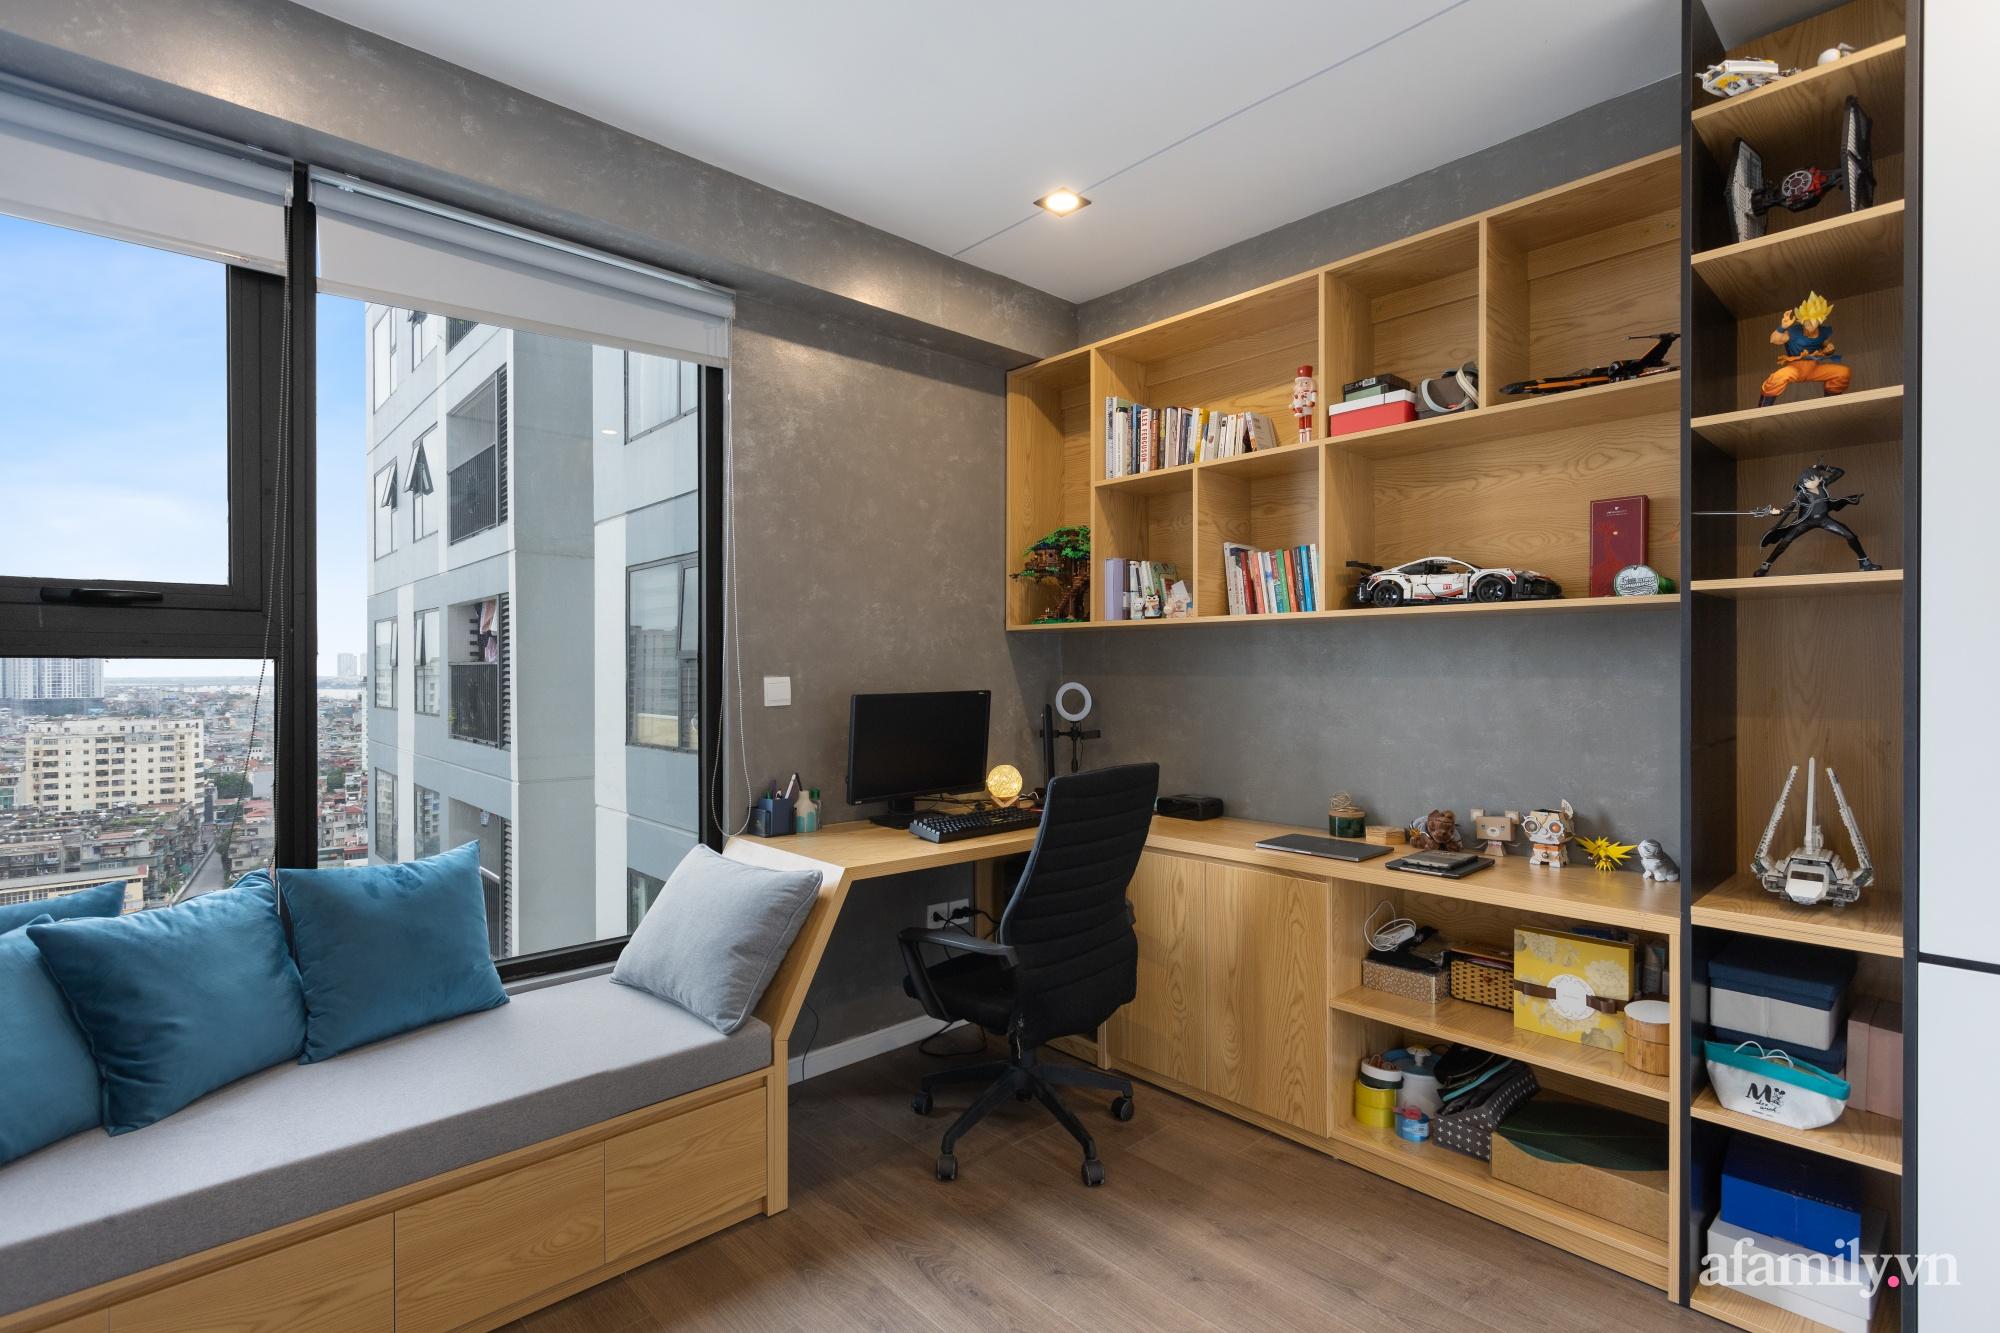 Chi 200 triệu đồng, blogger du lịch Sài Gòn thiết kế căn hộ tối giản rộng 83m² đẹp không góc chết nhờ đặt ra 5 nguyên tắc vàng - Ảnh 15.